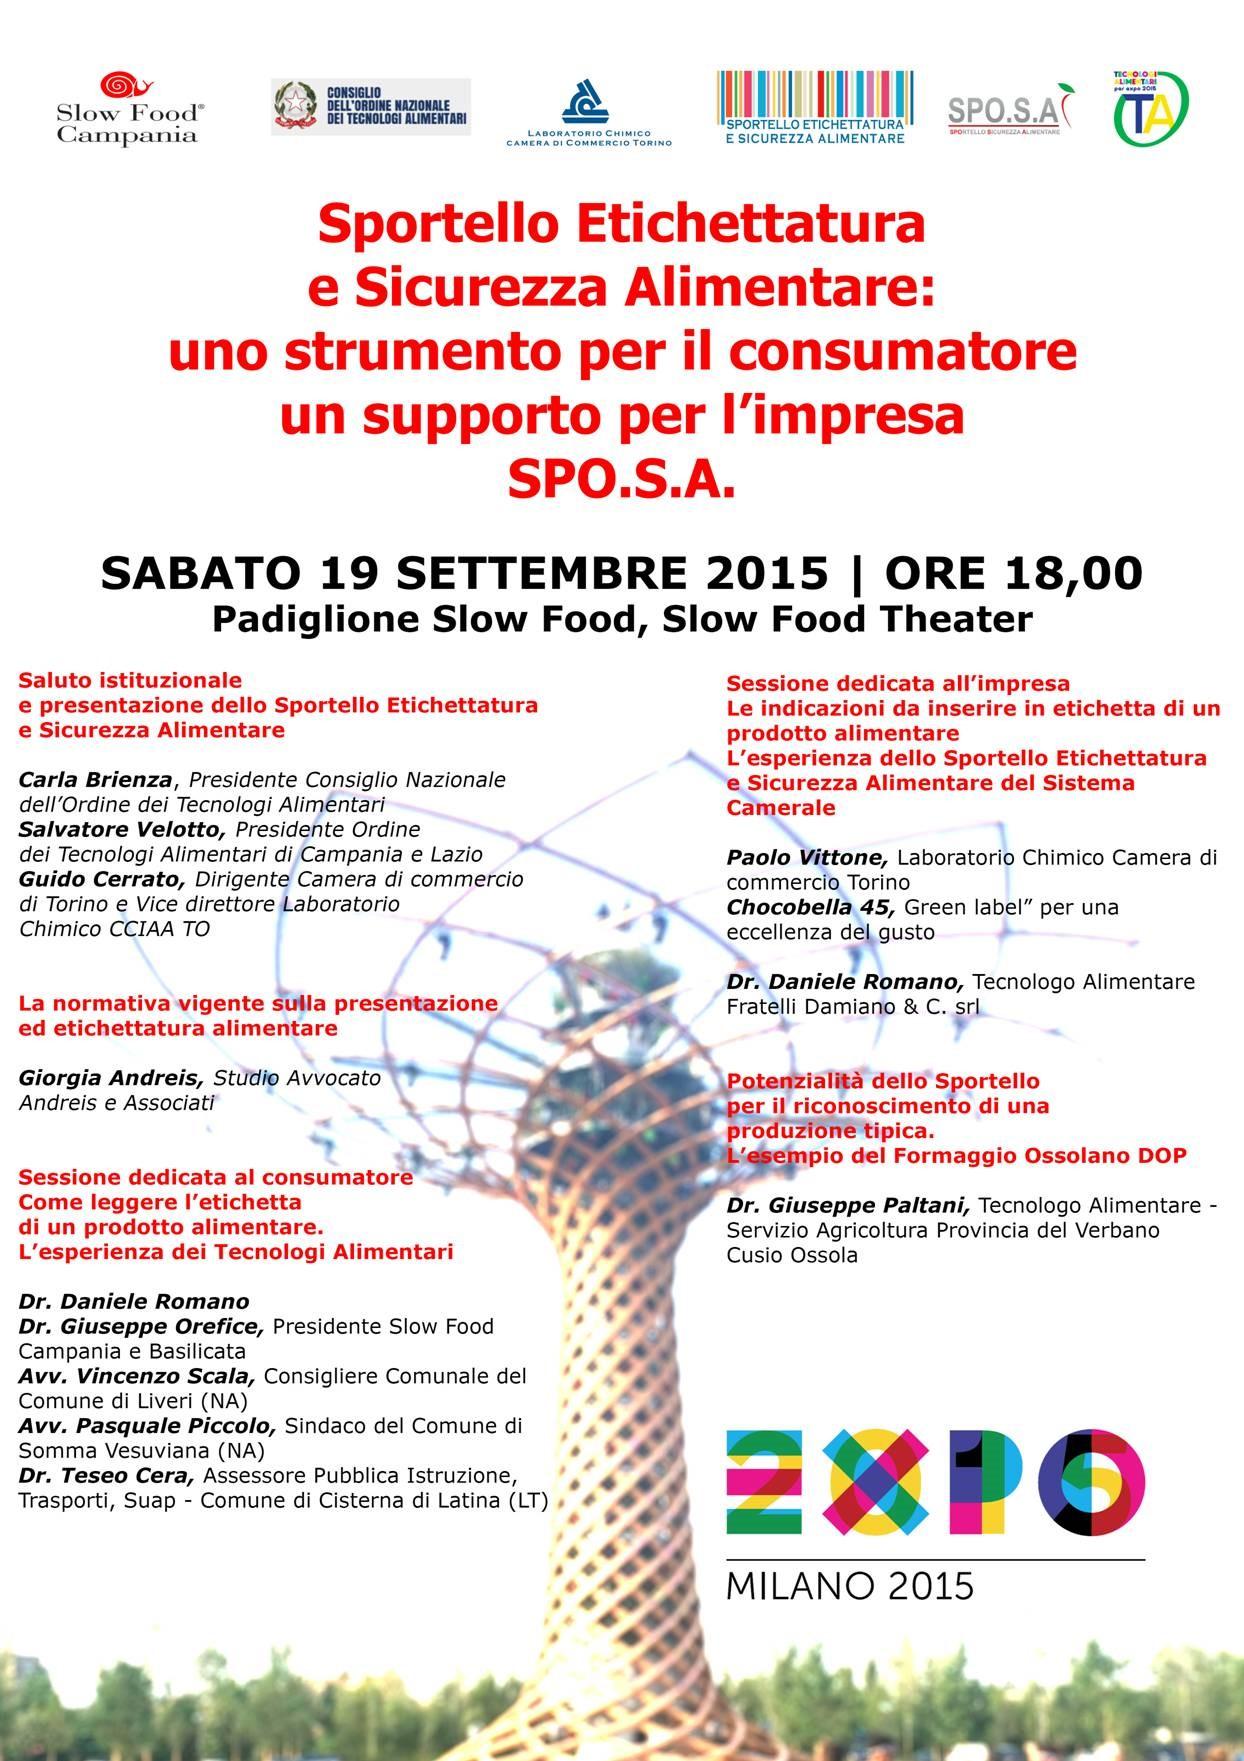 EXPO 2015 MILANO Sportello Etichettatura e Sicurezza Alimentare